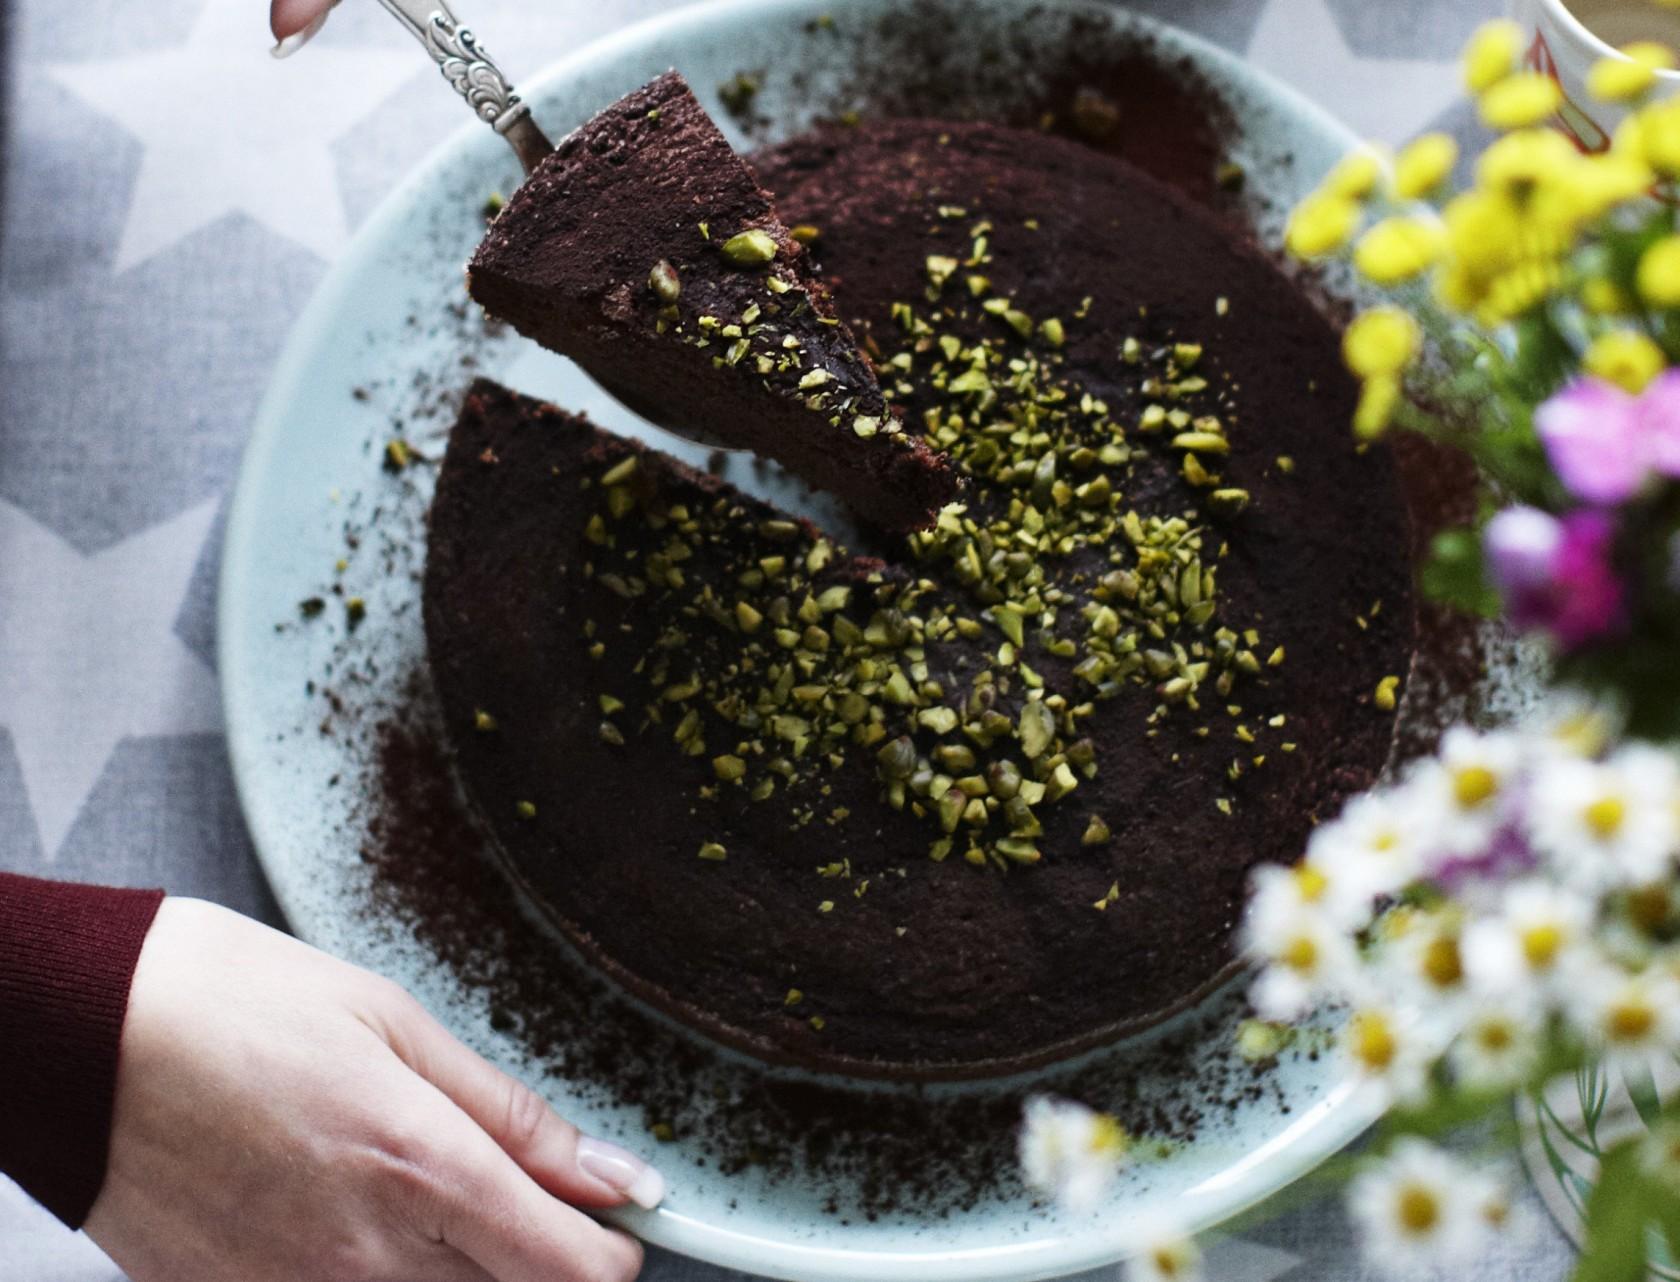 Chokoladekage med pistacie - nem og lækker!